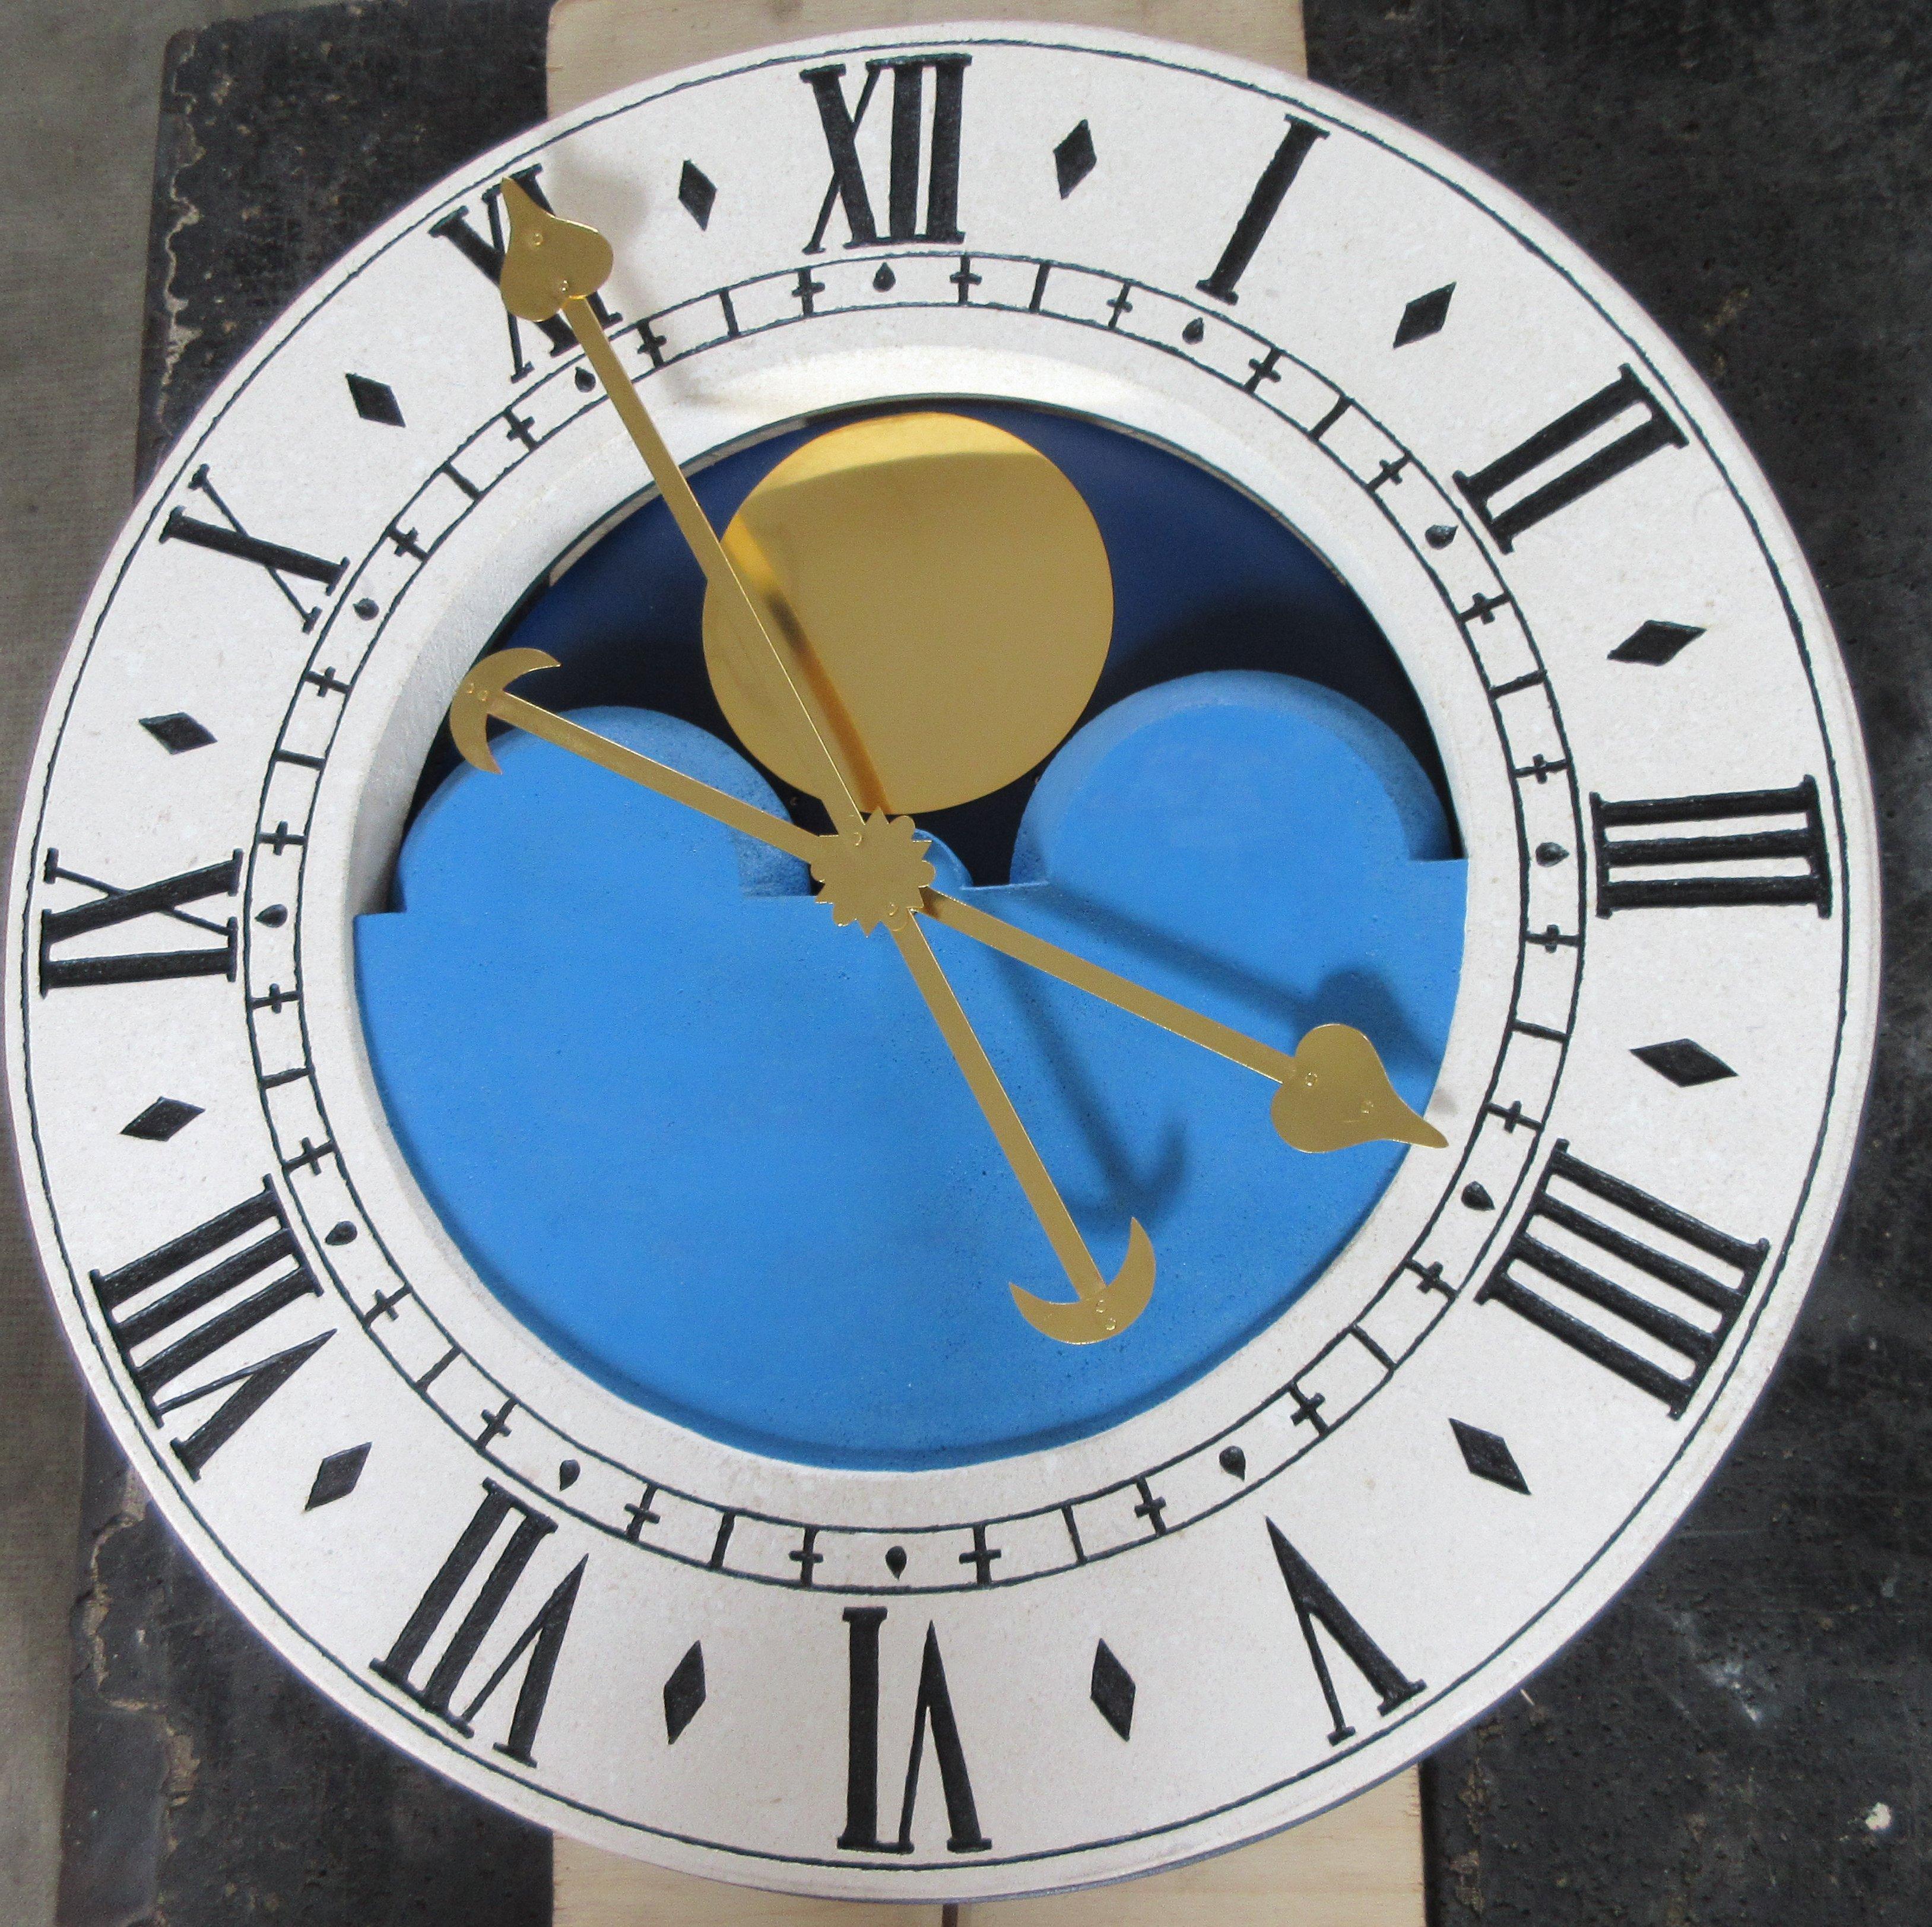 Orologio con quadrante blu e bianco